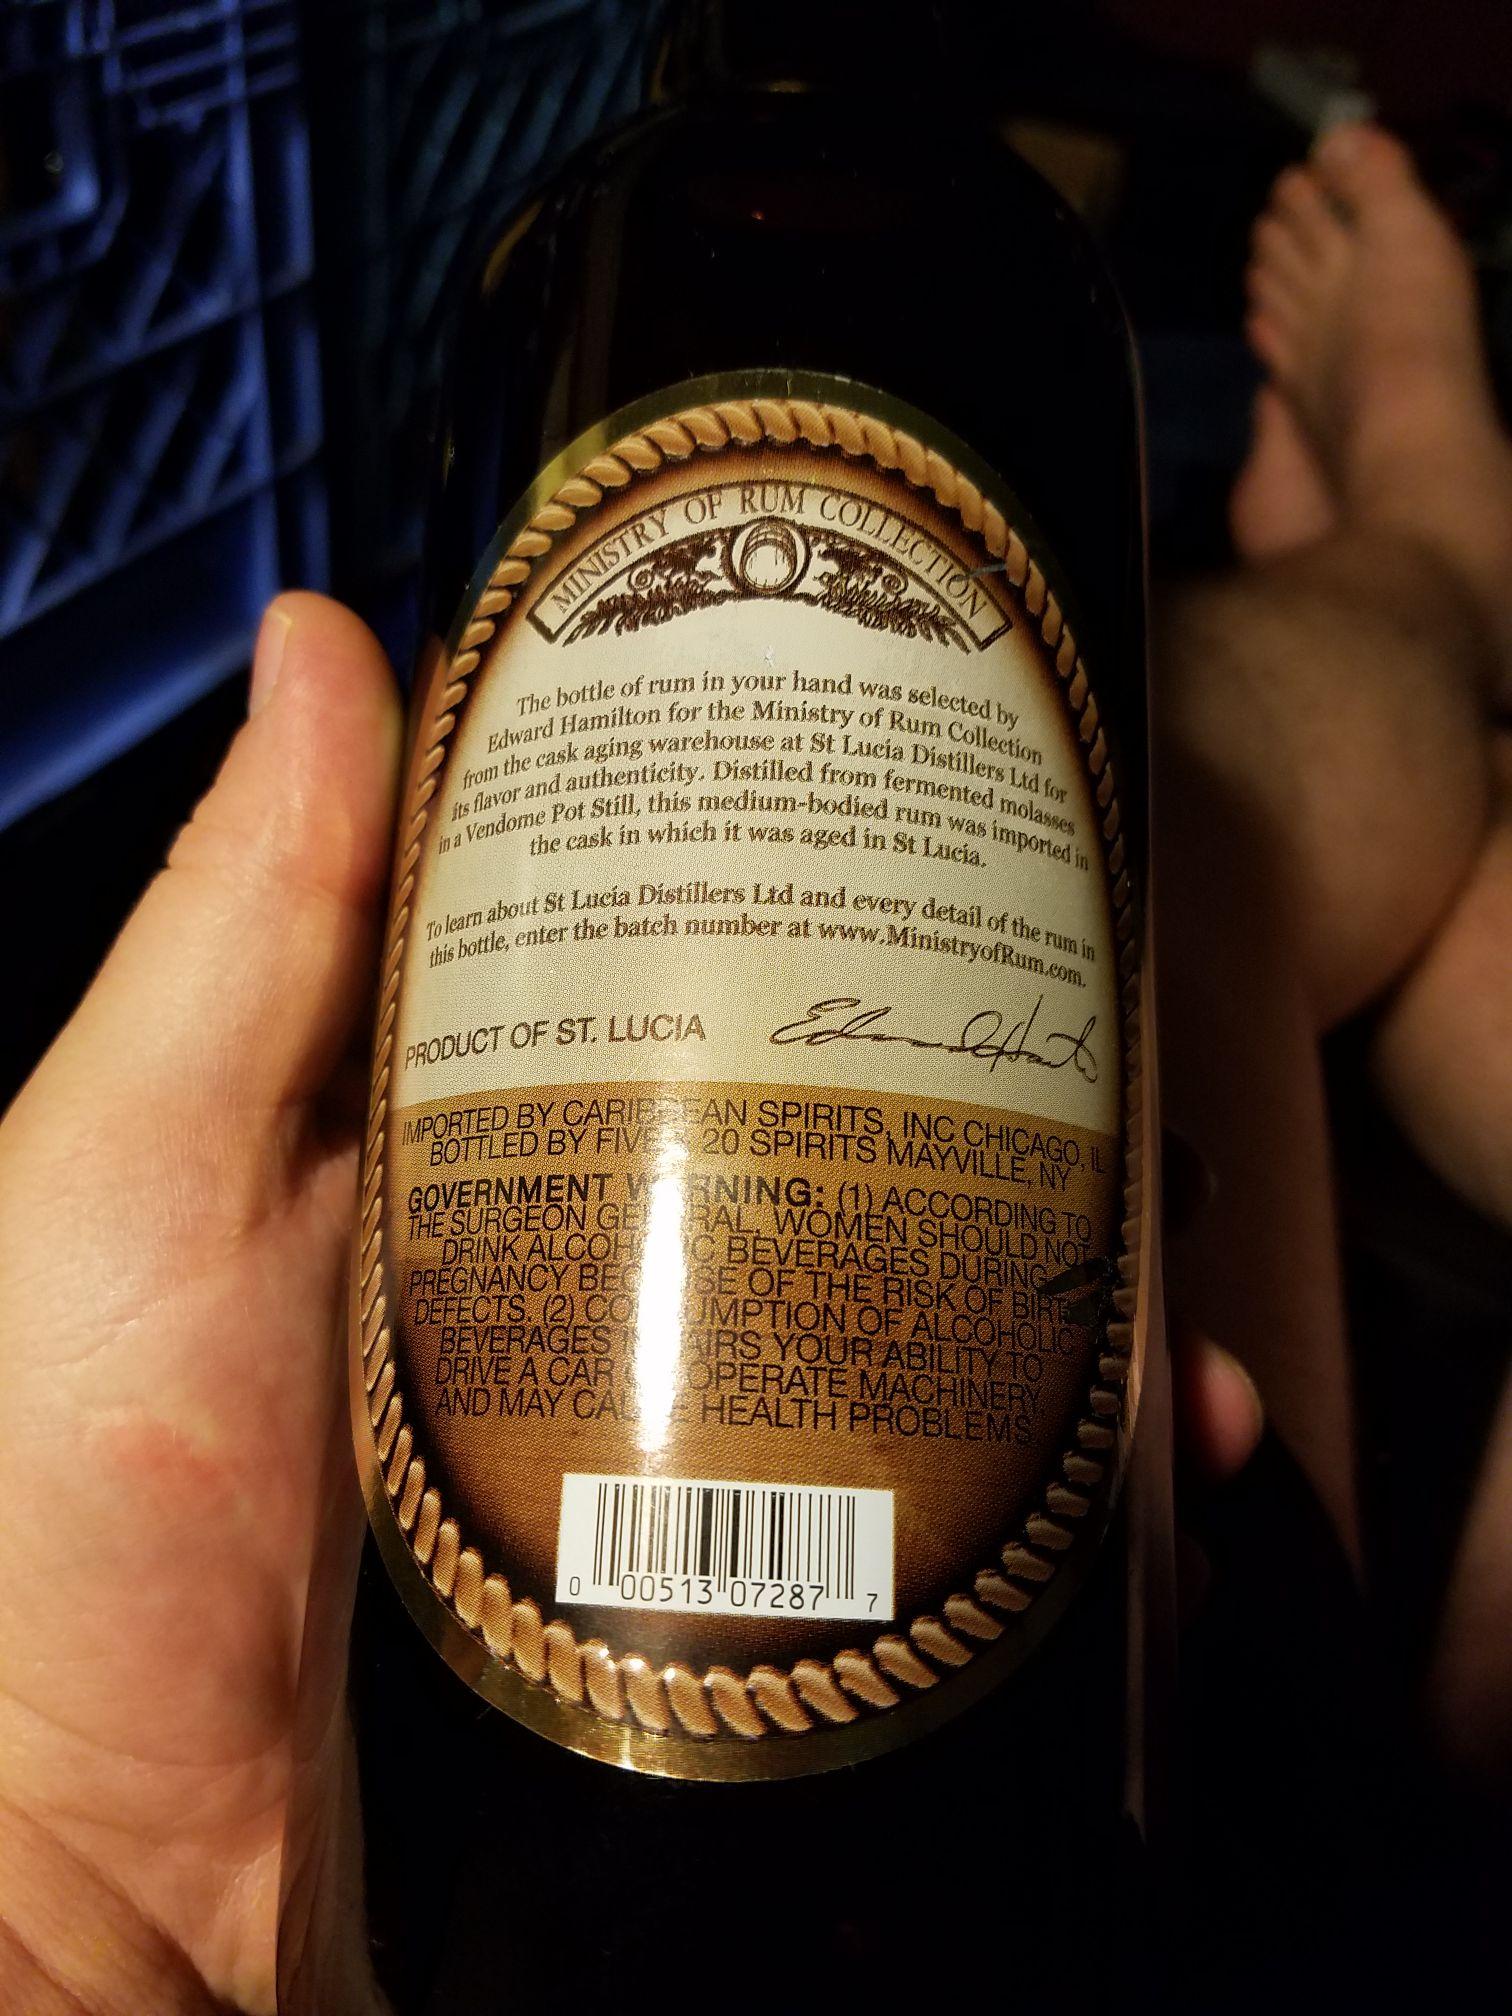 Hamilton Rum Saint Lucian Pot Still Alcohol - St. Lucia Distillers (Rum: St. Lucia) back image (back cover, second image)